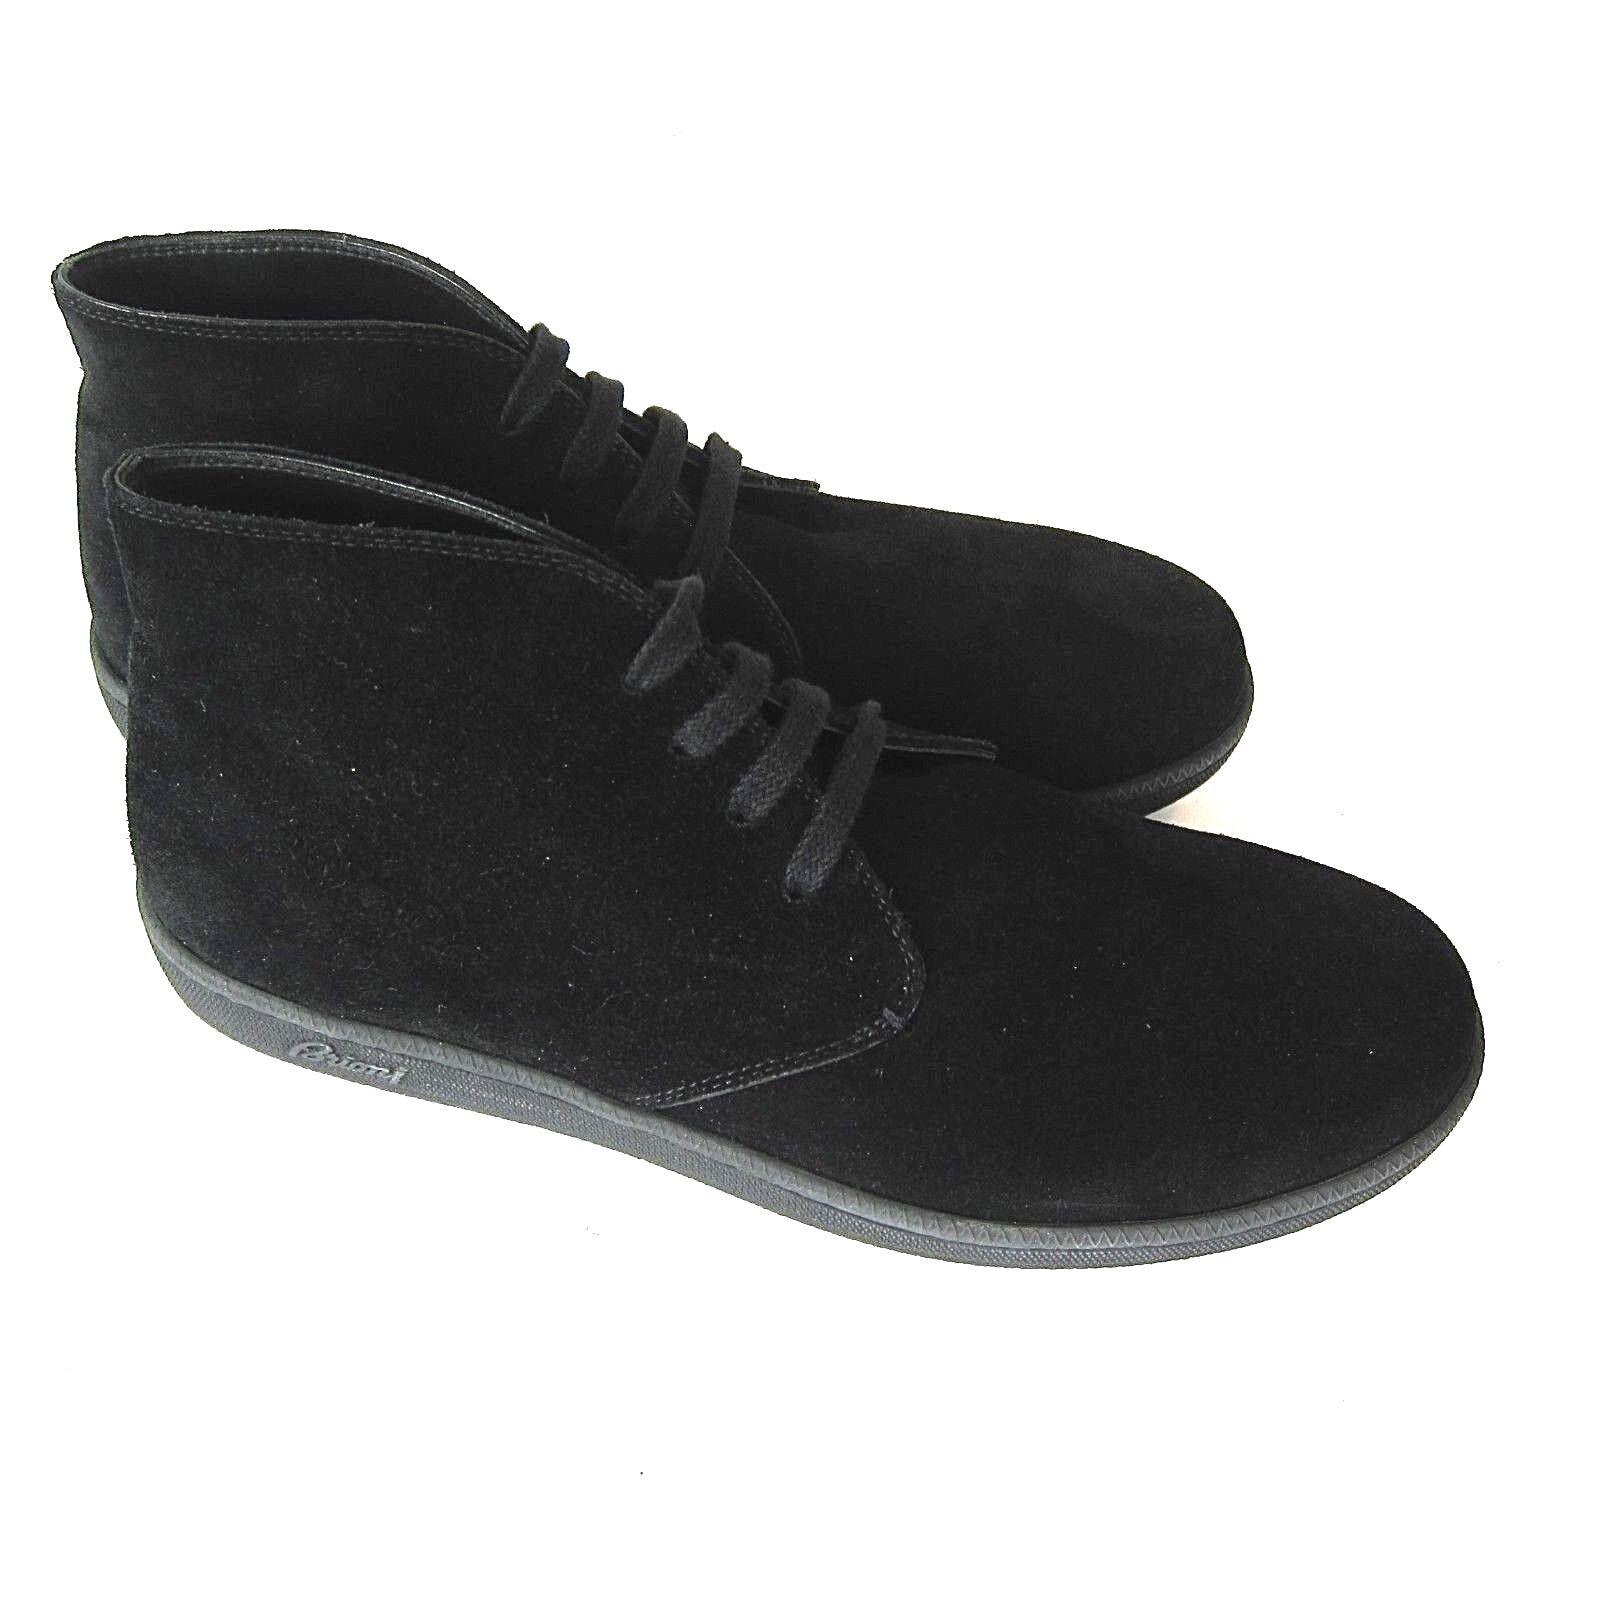 J-3305175 New Brioni nero Suede Ankle Lace Up avvio scarpe Dimensione US 11 Marked 10